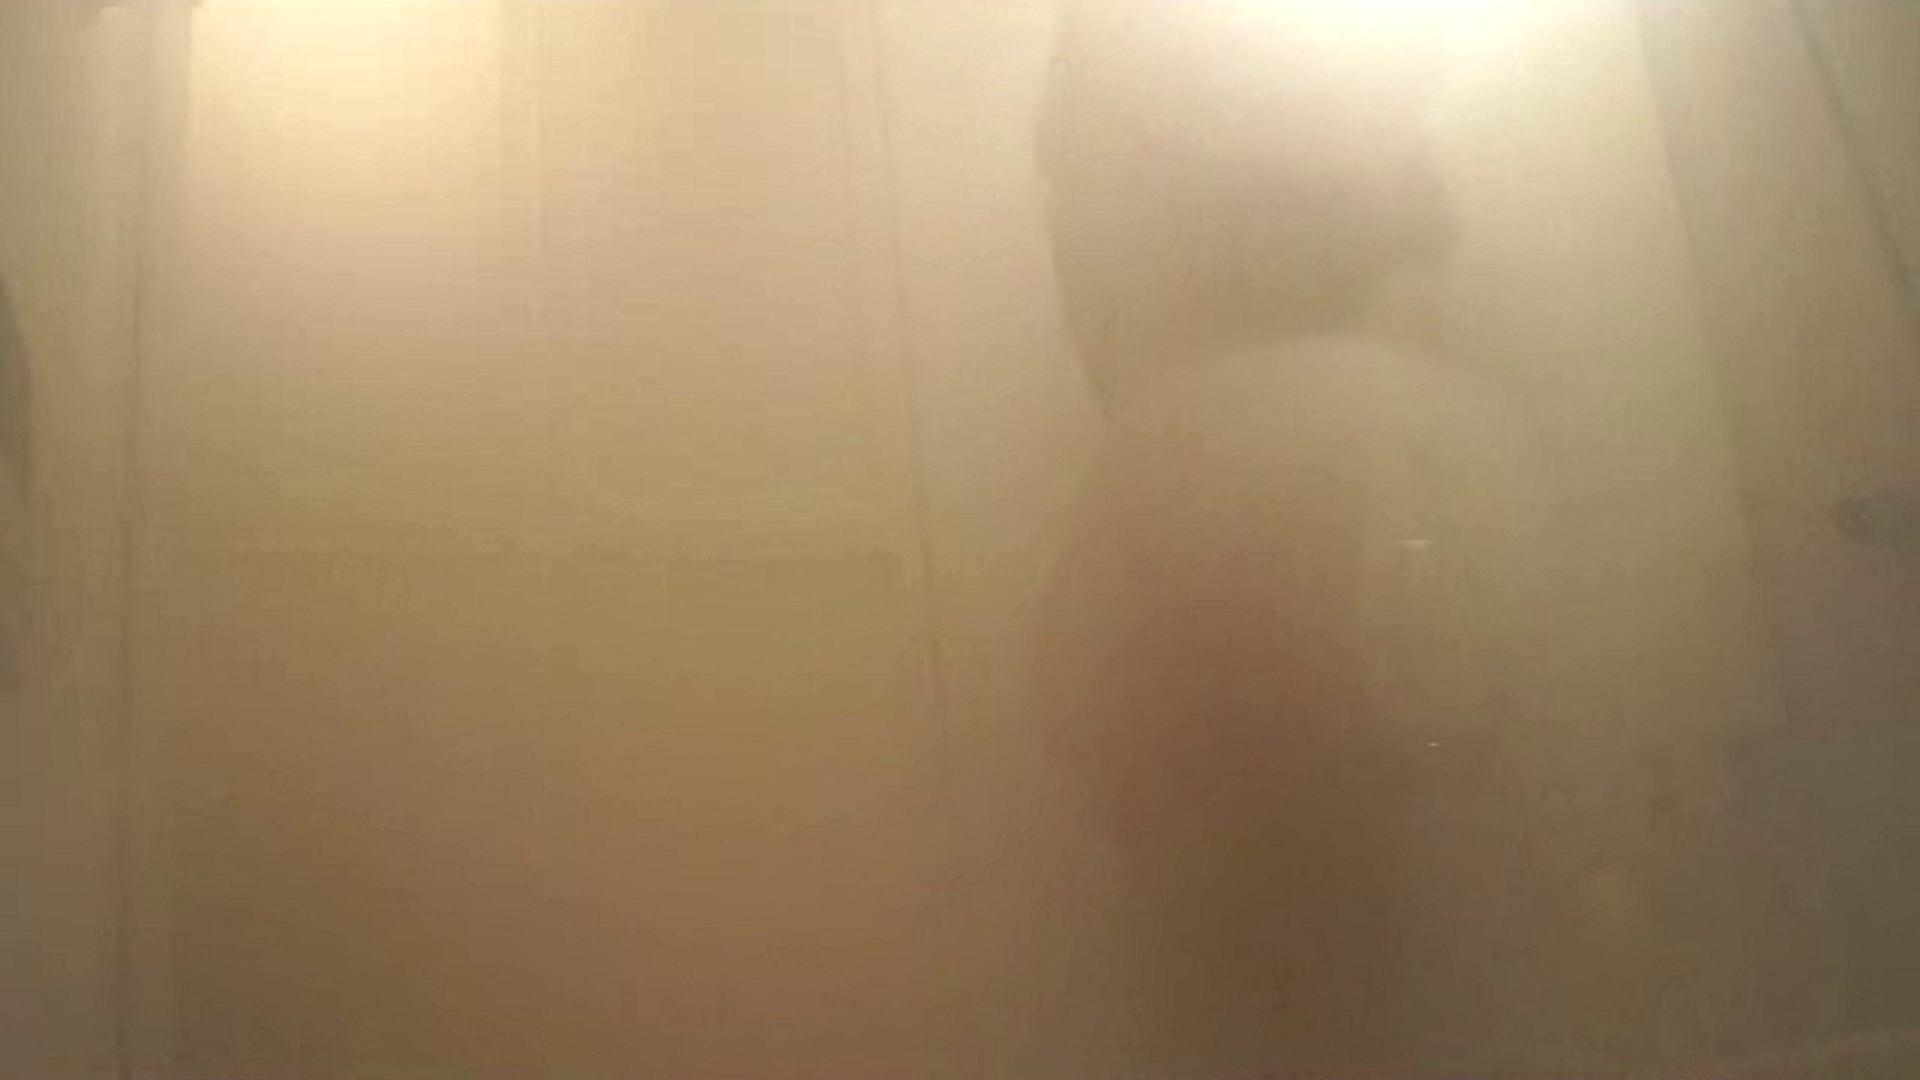 vol.1 よく成長し女性らしい体付きになりましたね ギャル攻め | シャワー室  93画像 77